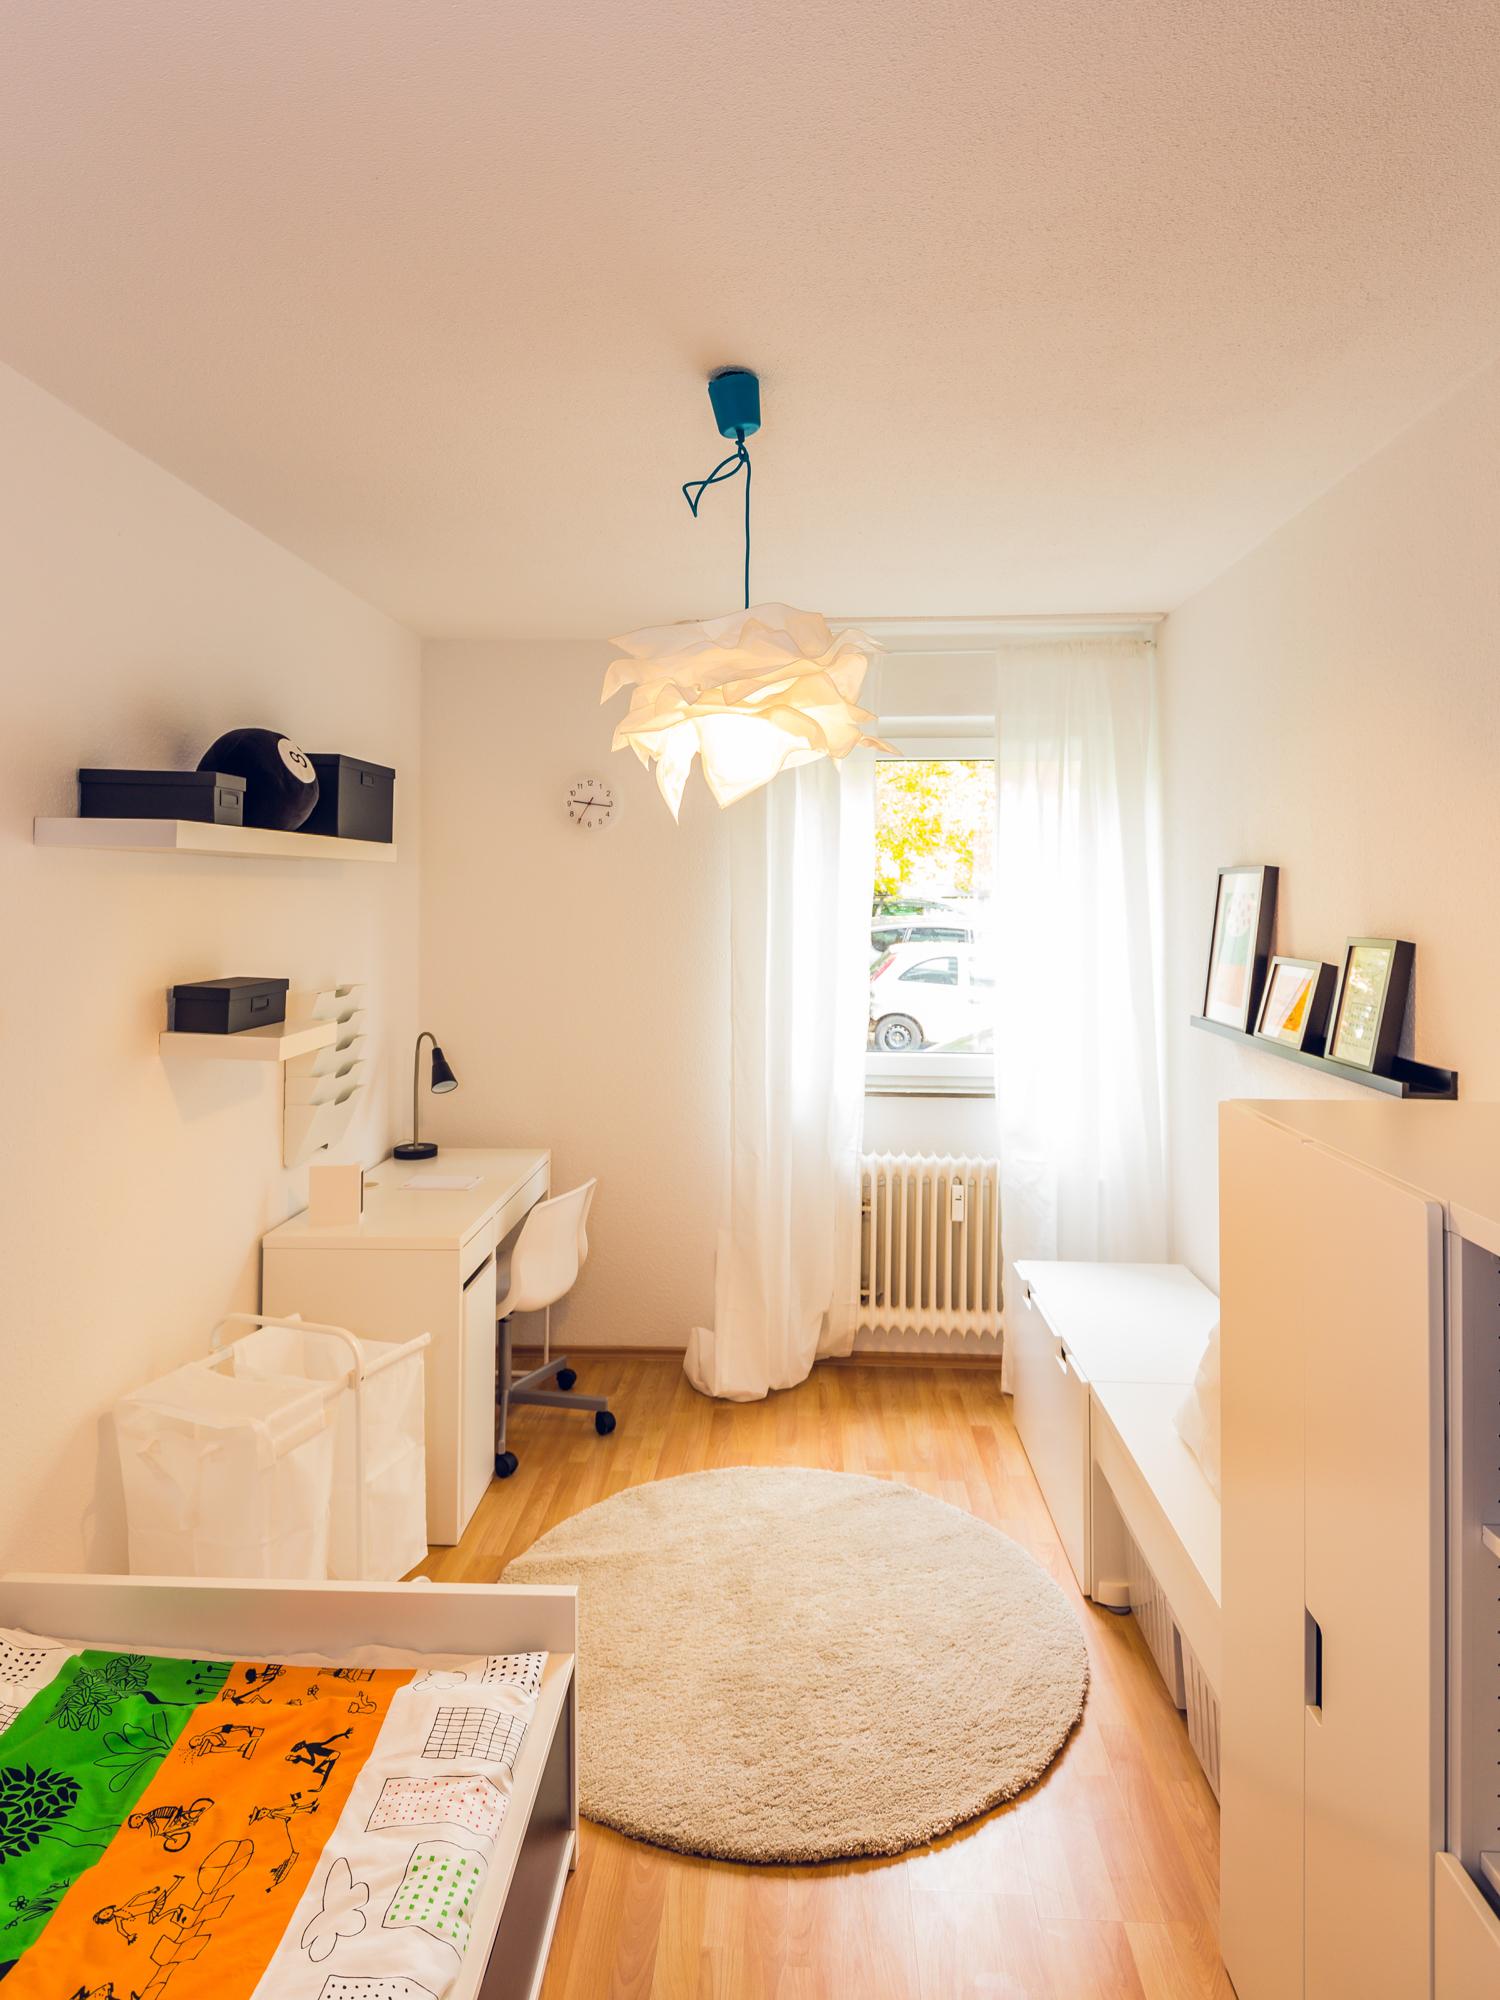 ab sofort musterg ltiger wohntraum im mohrhennsfeld 28 zu besichtigen grand city property. Black Bedroom Furniture Sets. Home Design Ideas